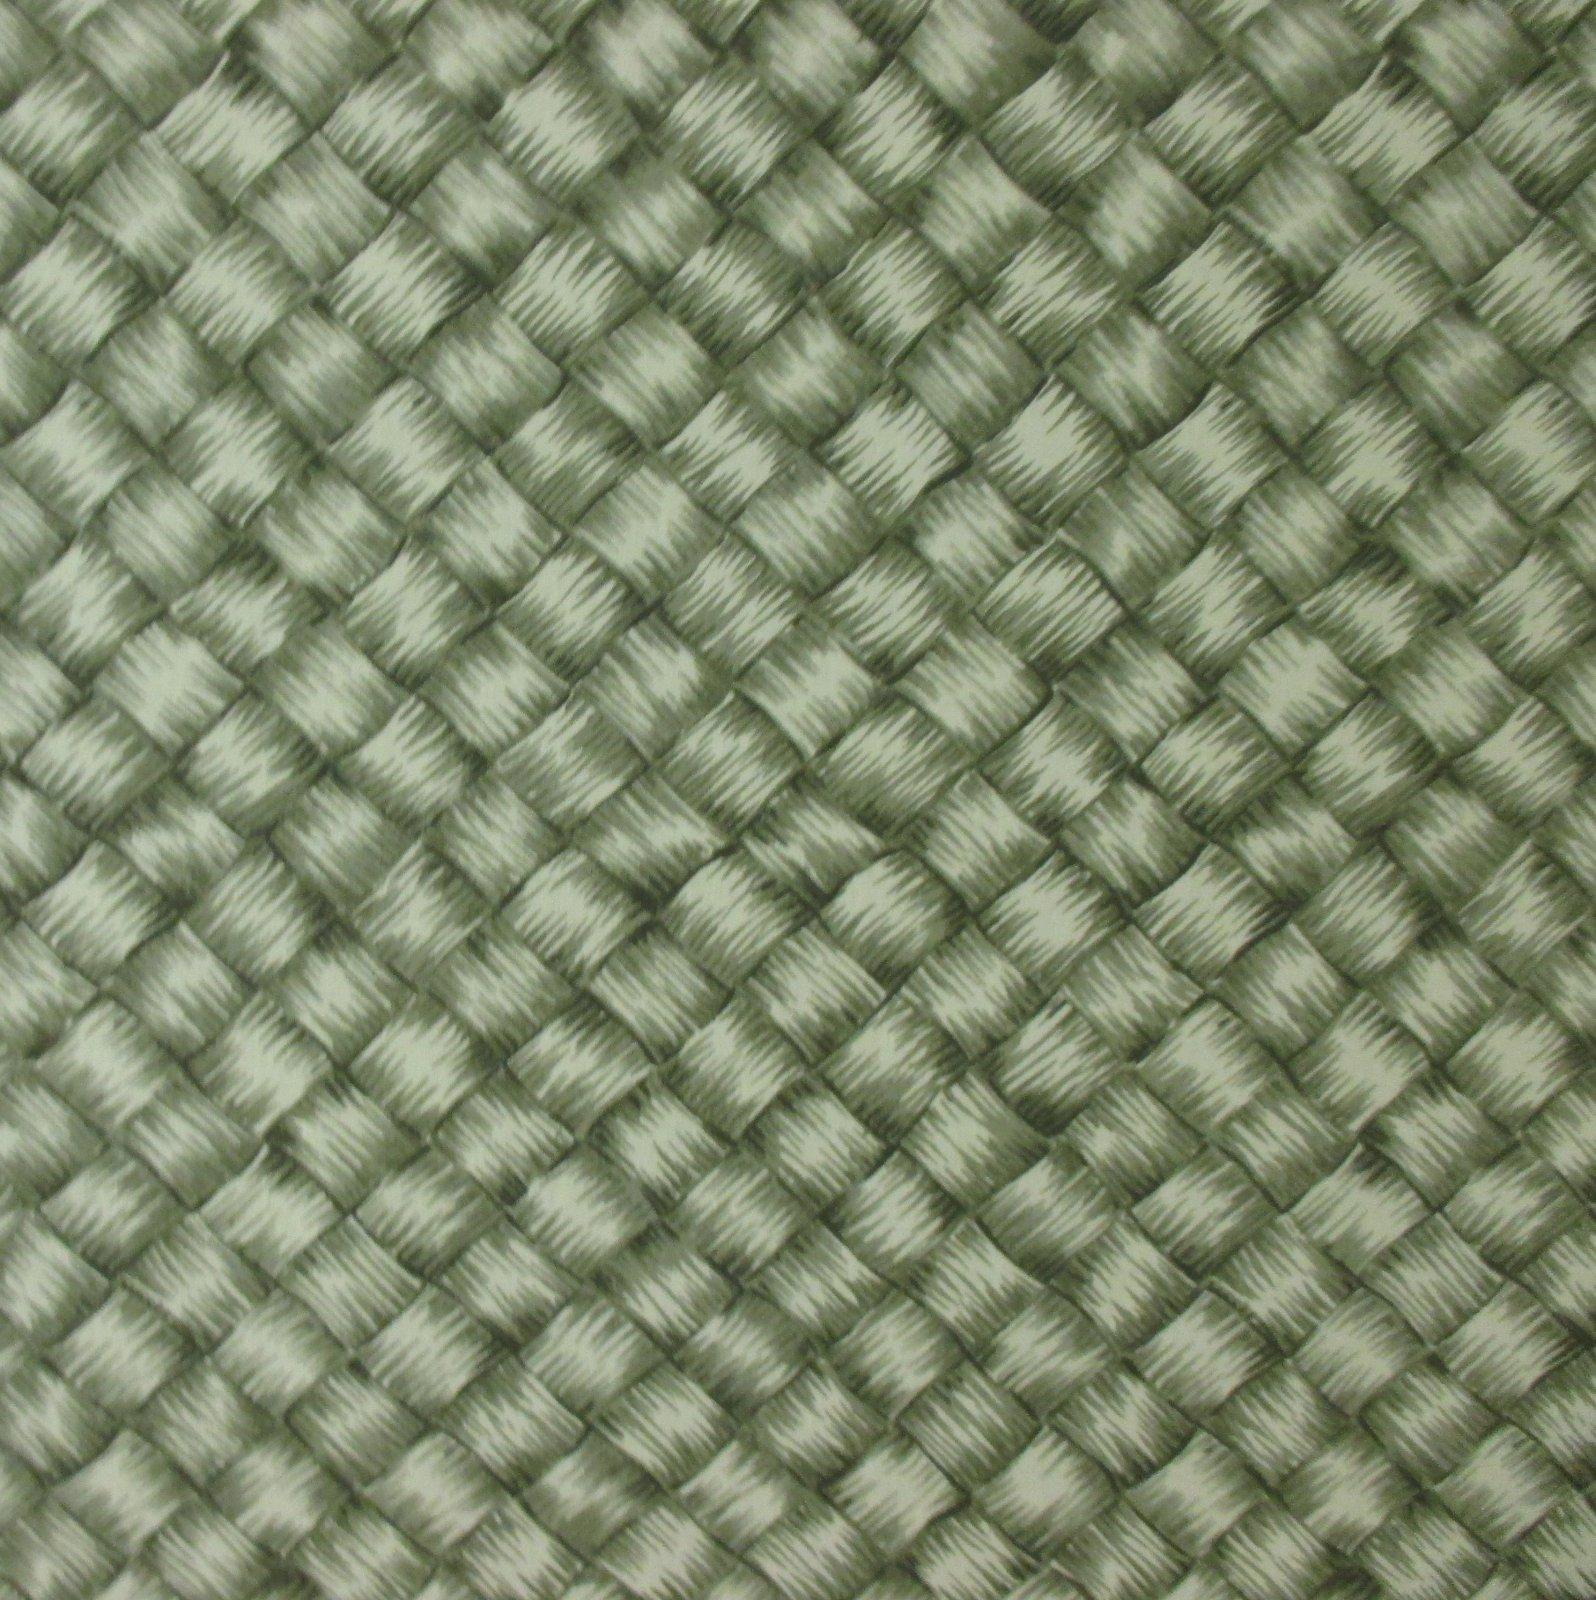 Woven - Green